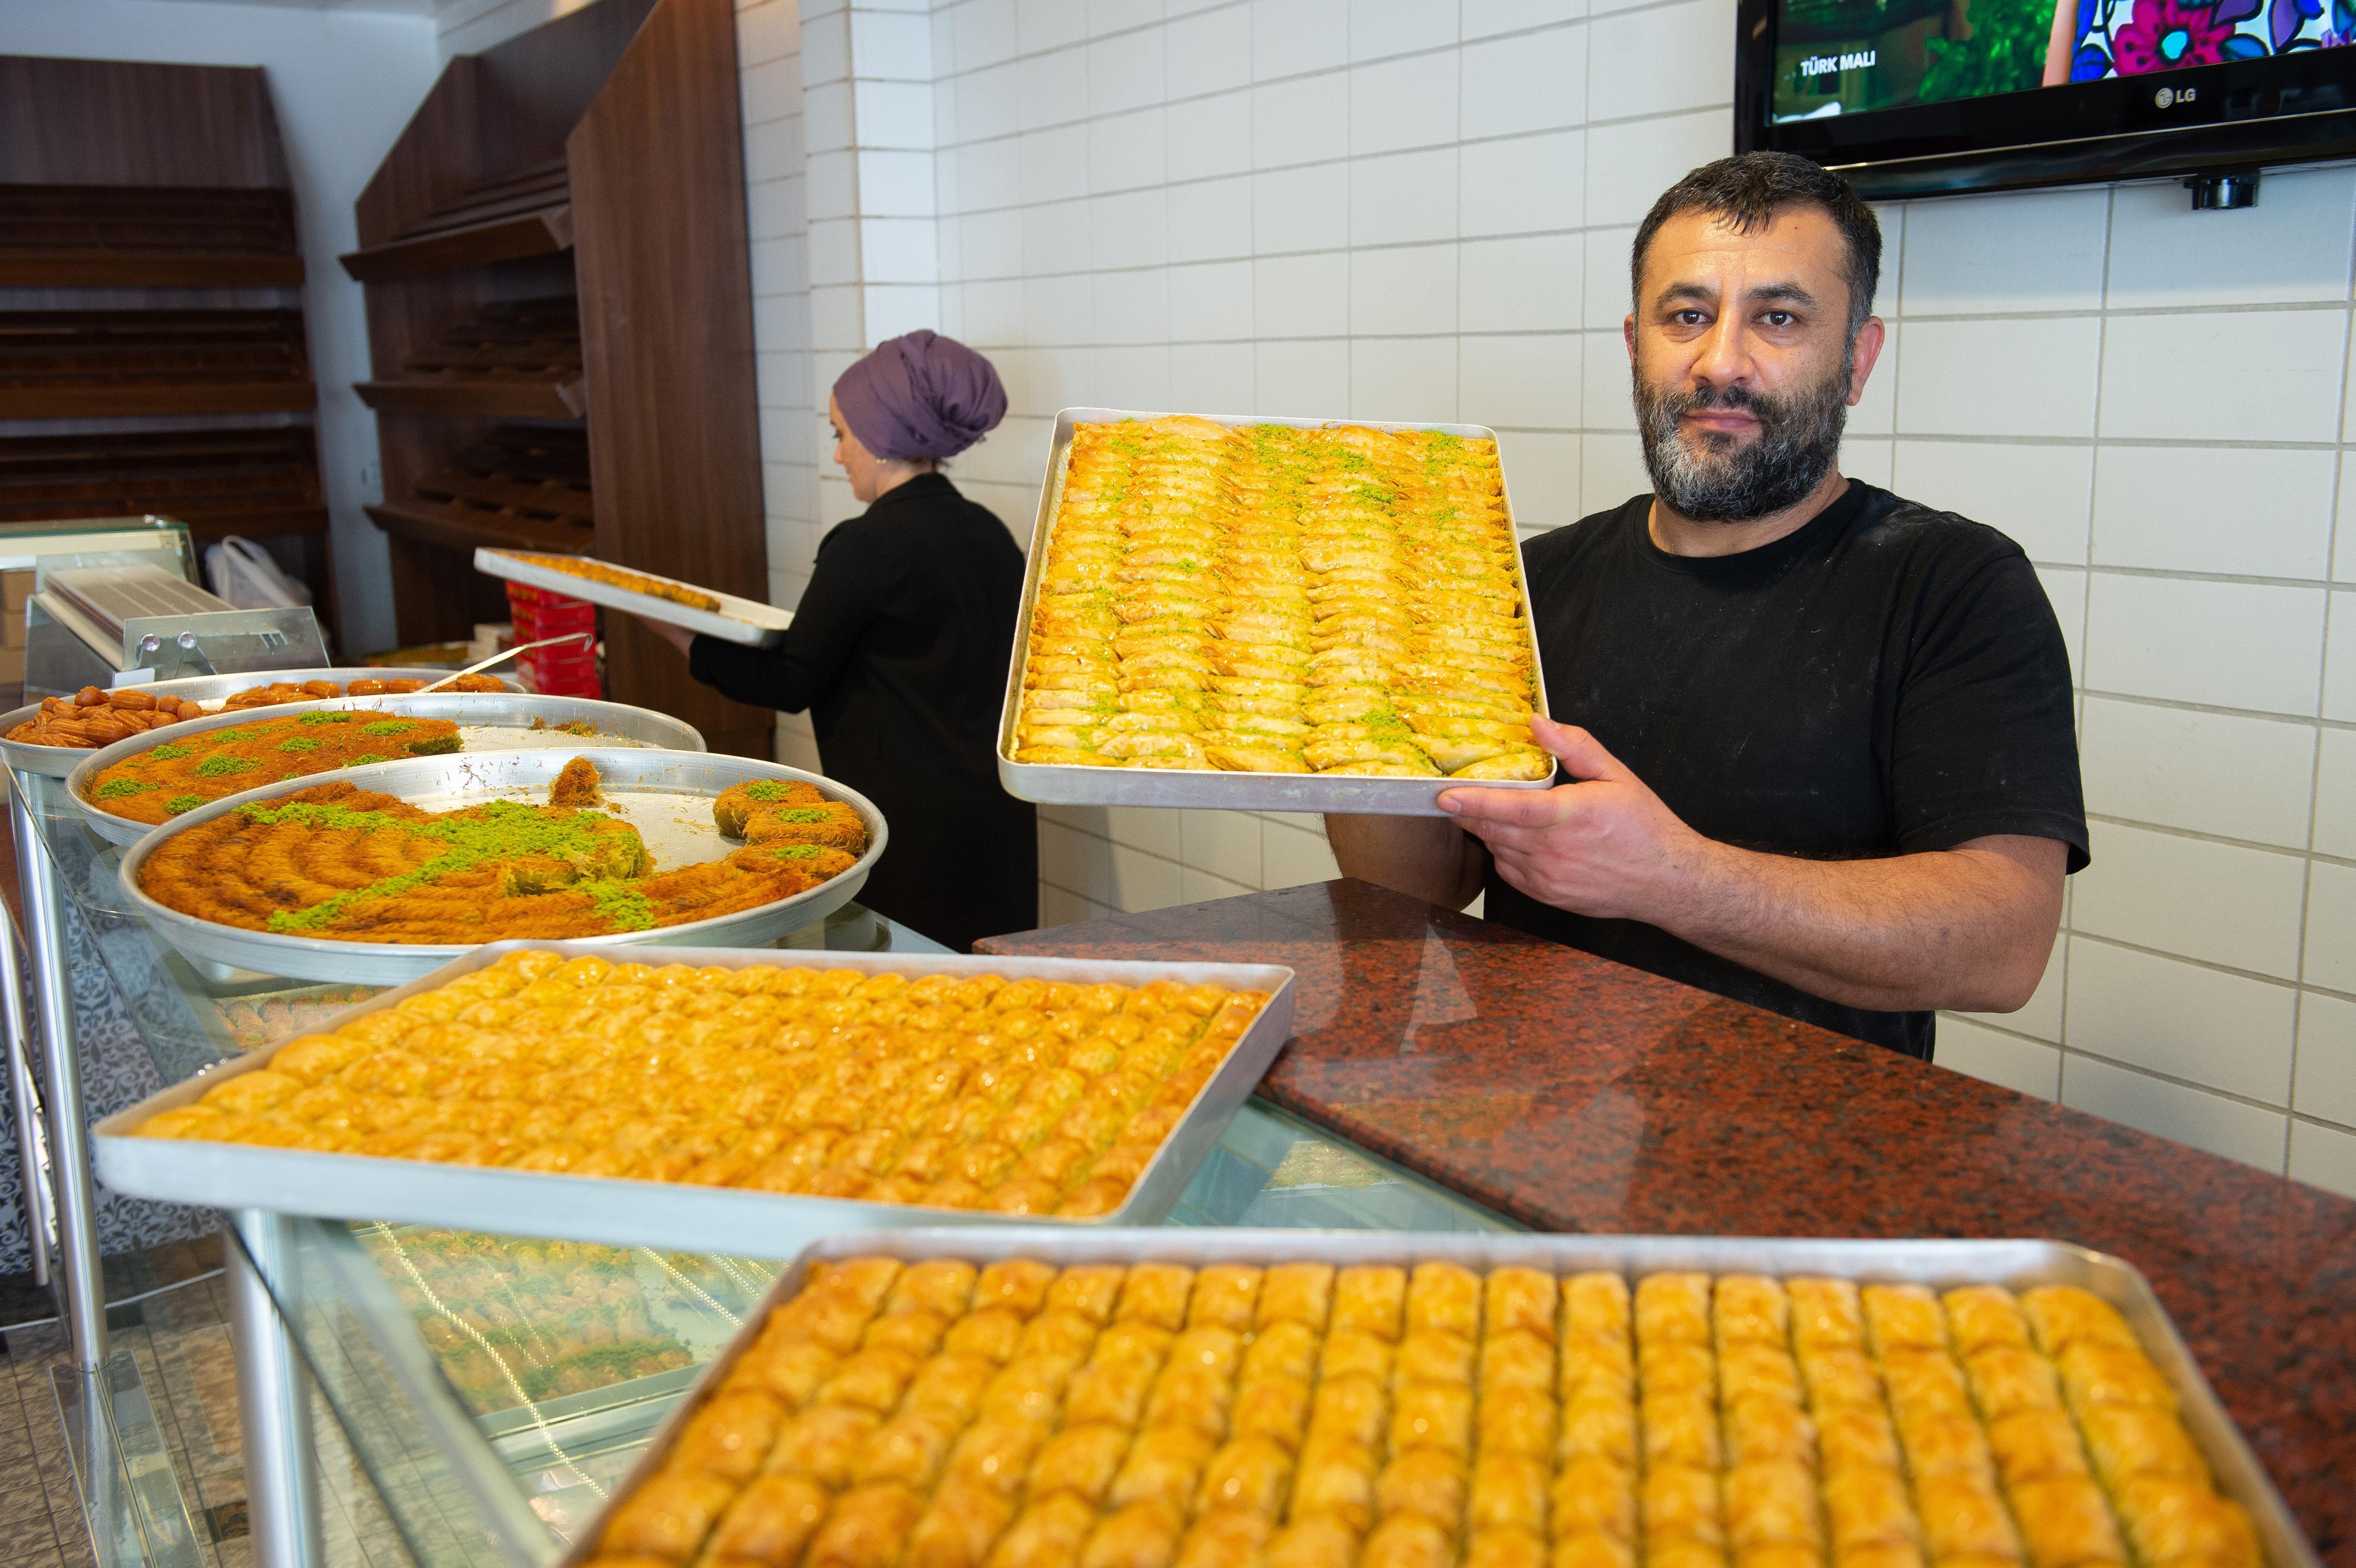 Suikerfeest goed voor klandizie in winkels Poelenburg, Zaandam